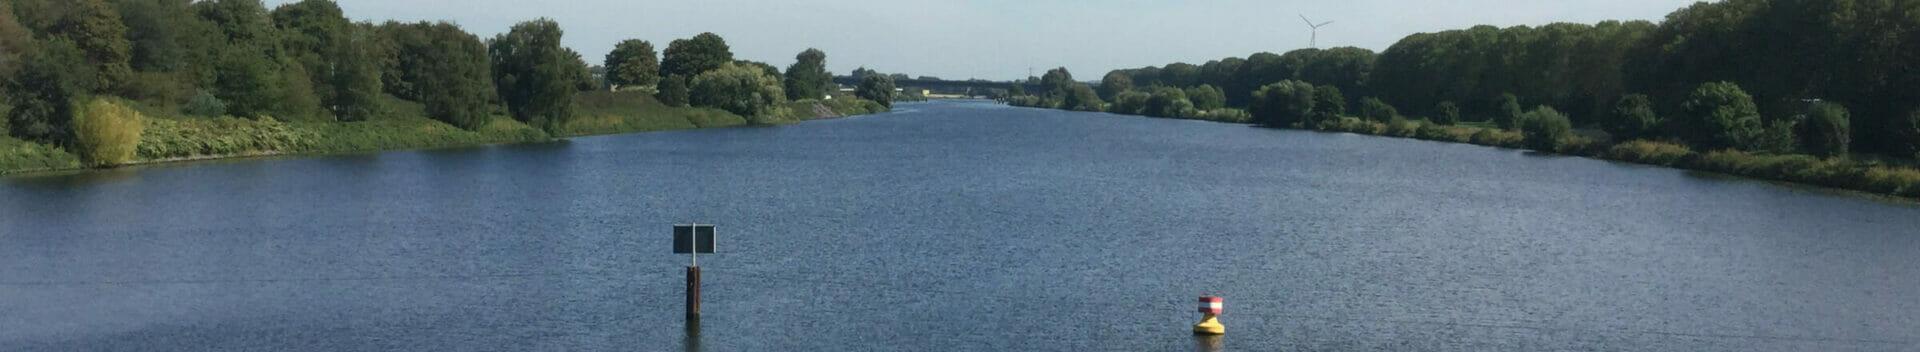 Ruhrtalradweg - Duisburg Ruhrschleuse - Ruhrgebiet